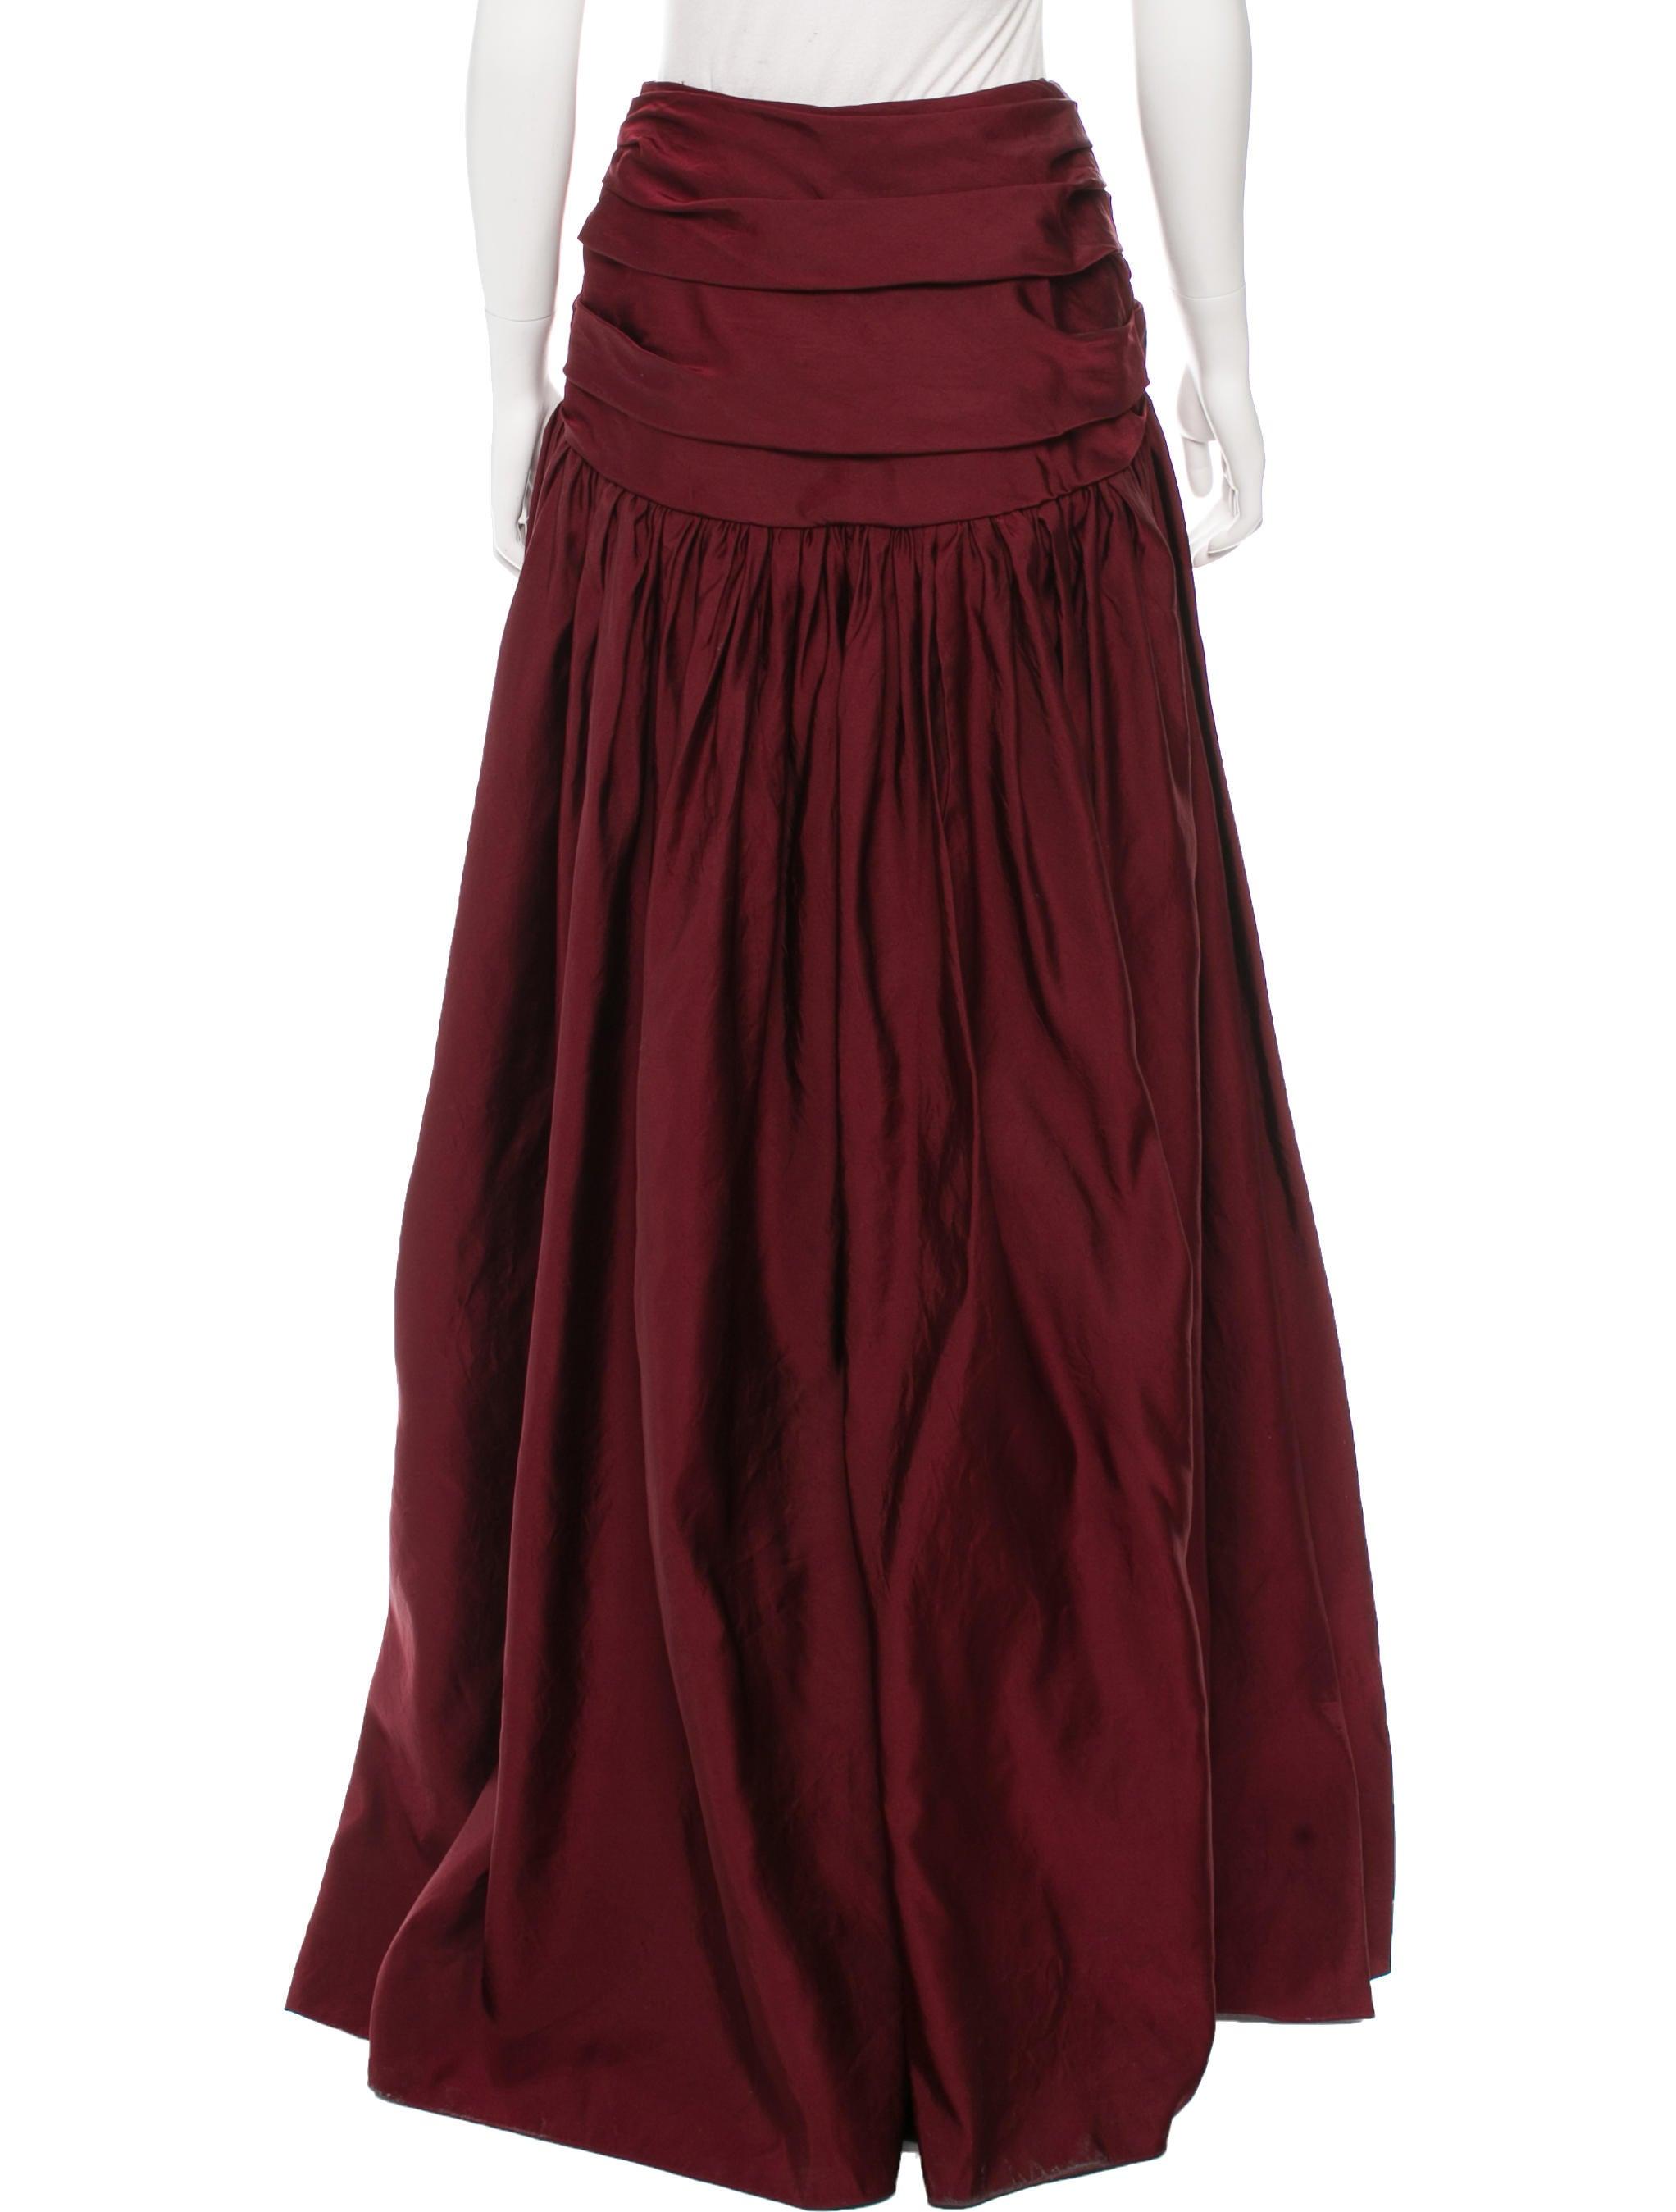 Tie Front Skirt 62